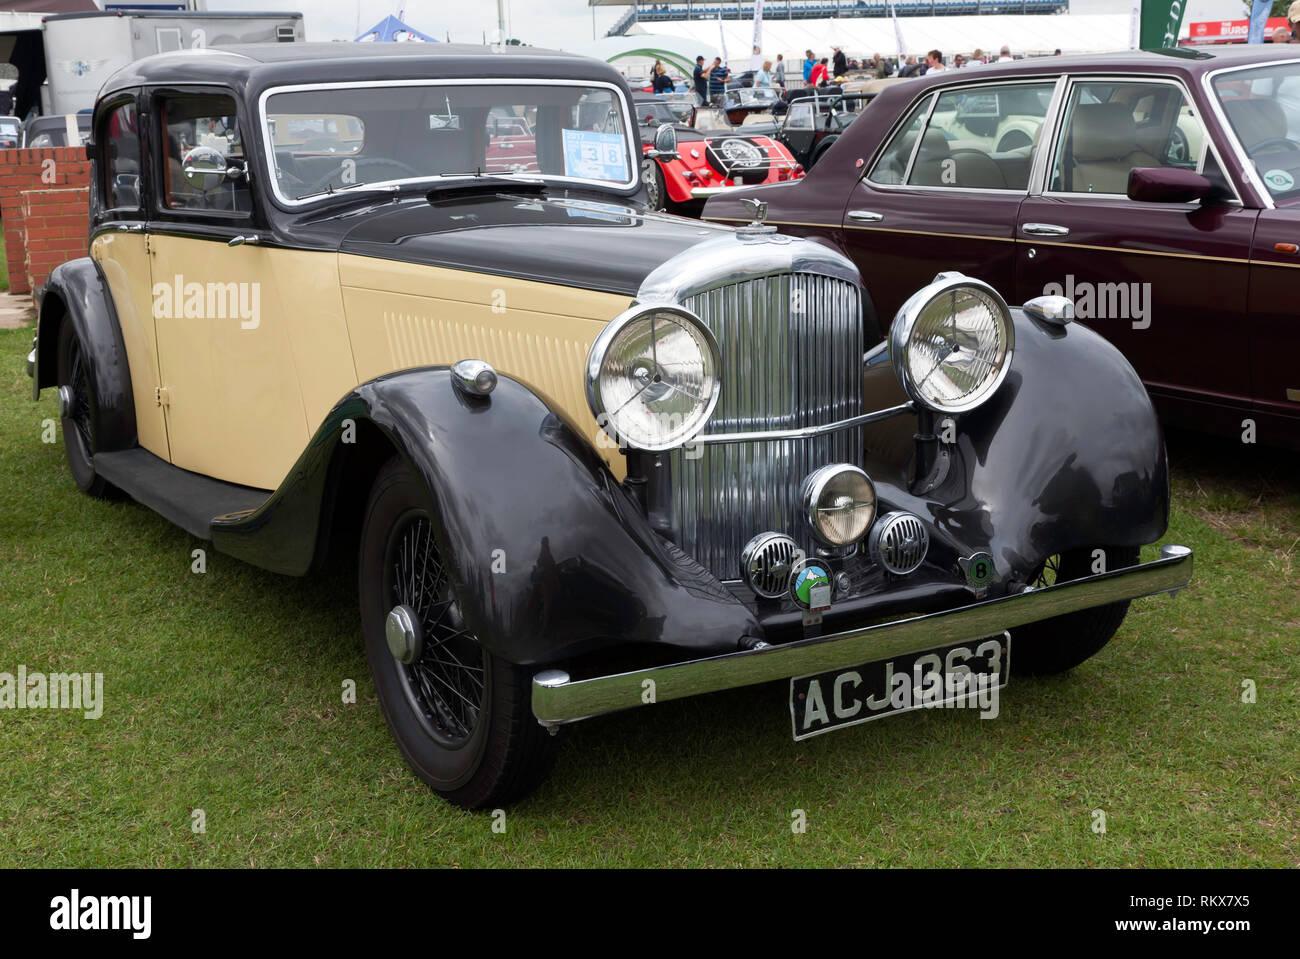 Les trois-quarts Vue de face d'un 1937 Bentley Saloon, à l'affiche dans la zone de club de voiture de la Silverstone Classic 2017 Photo Stock